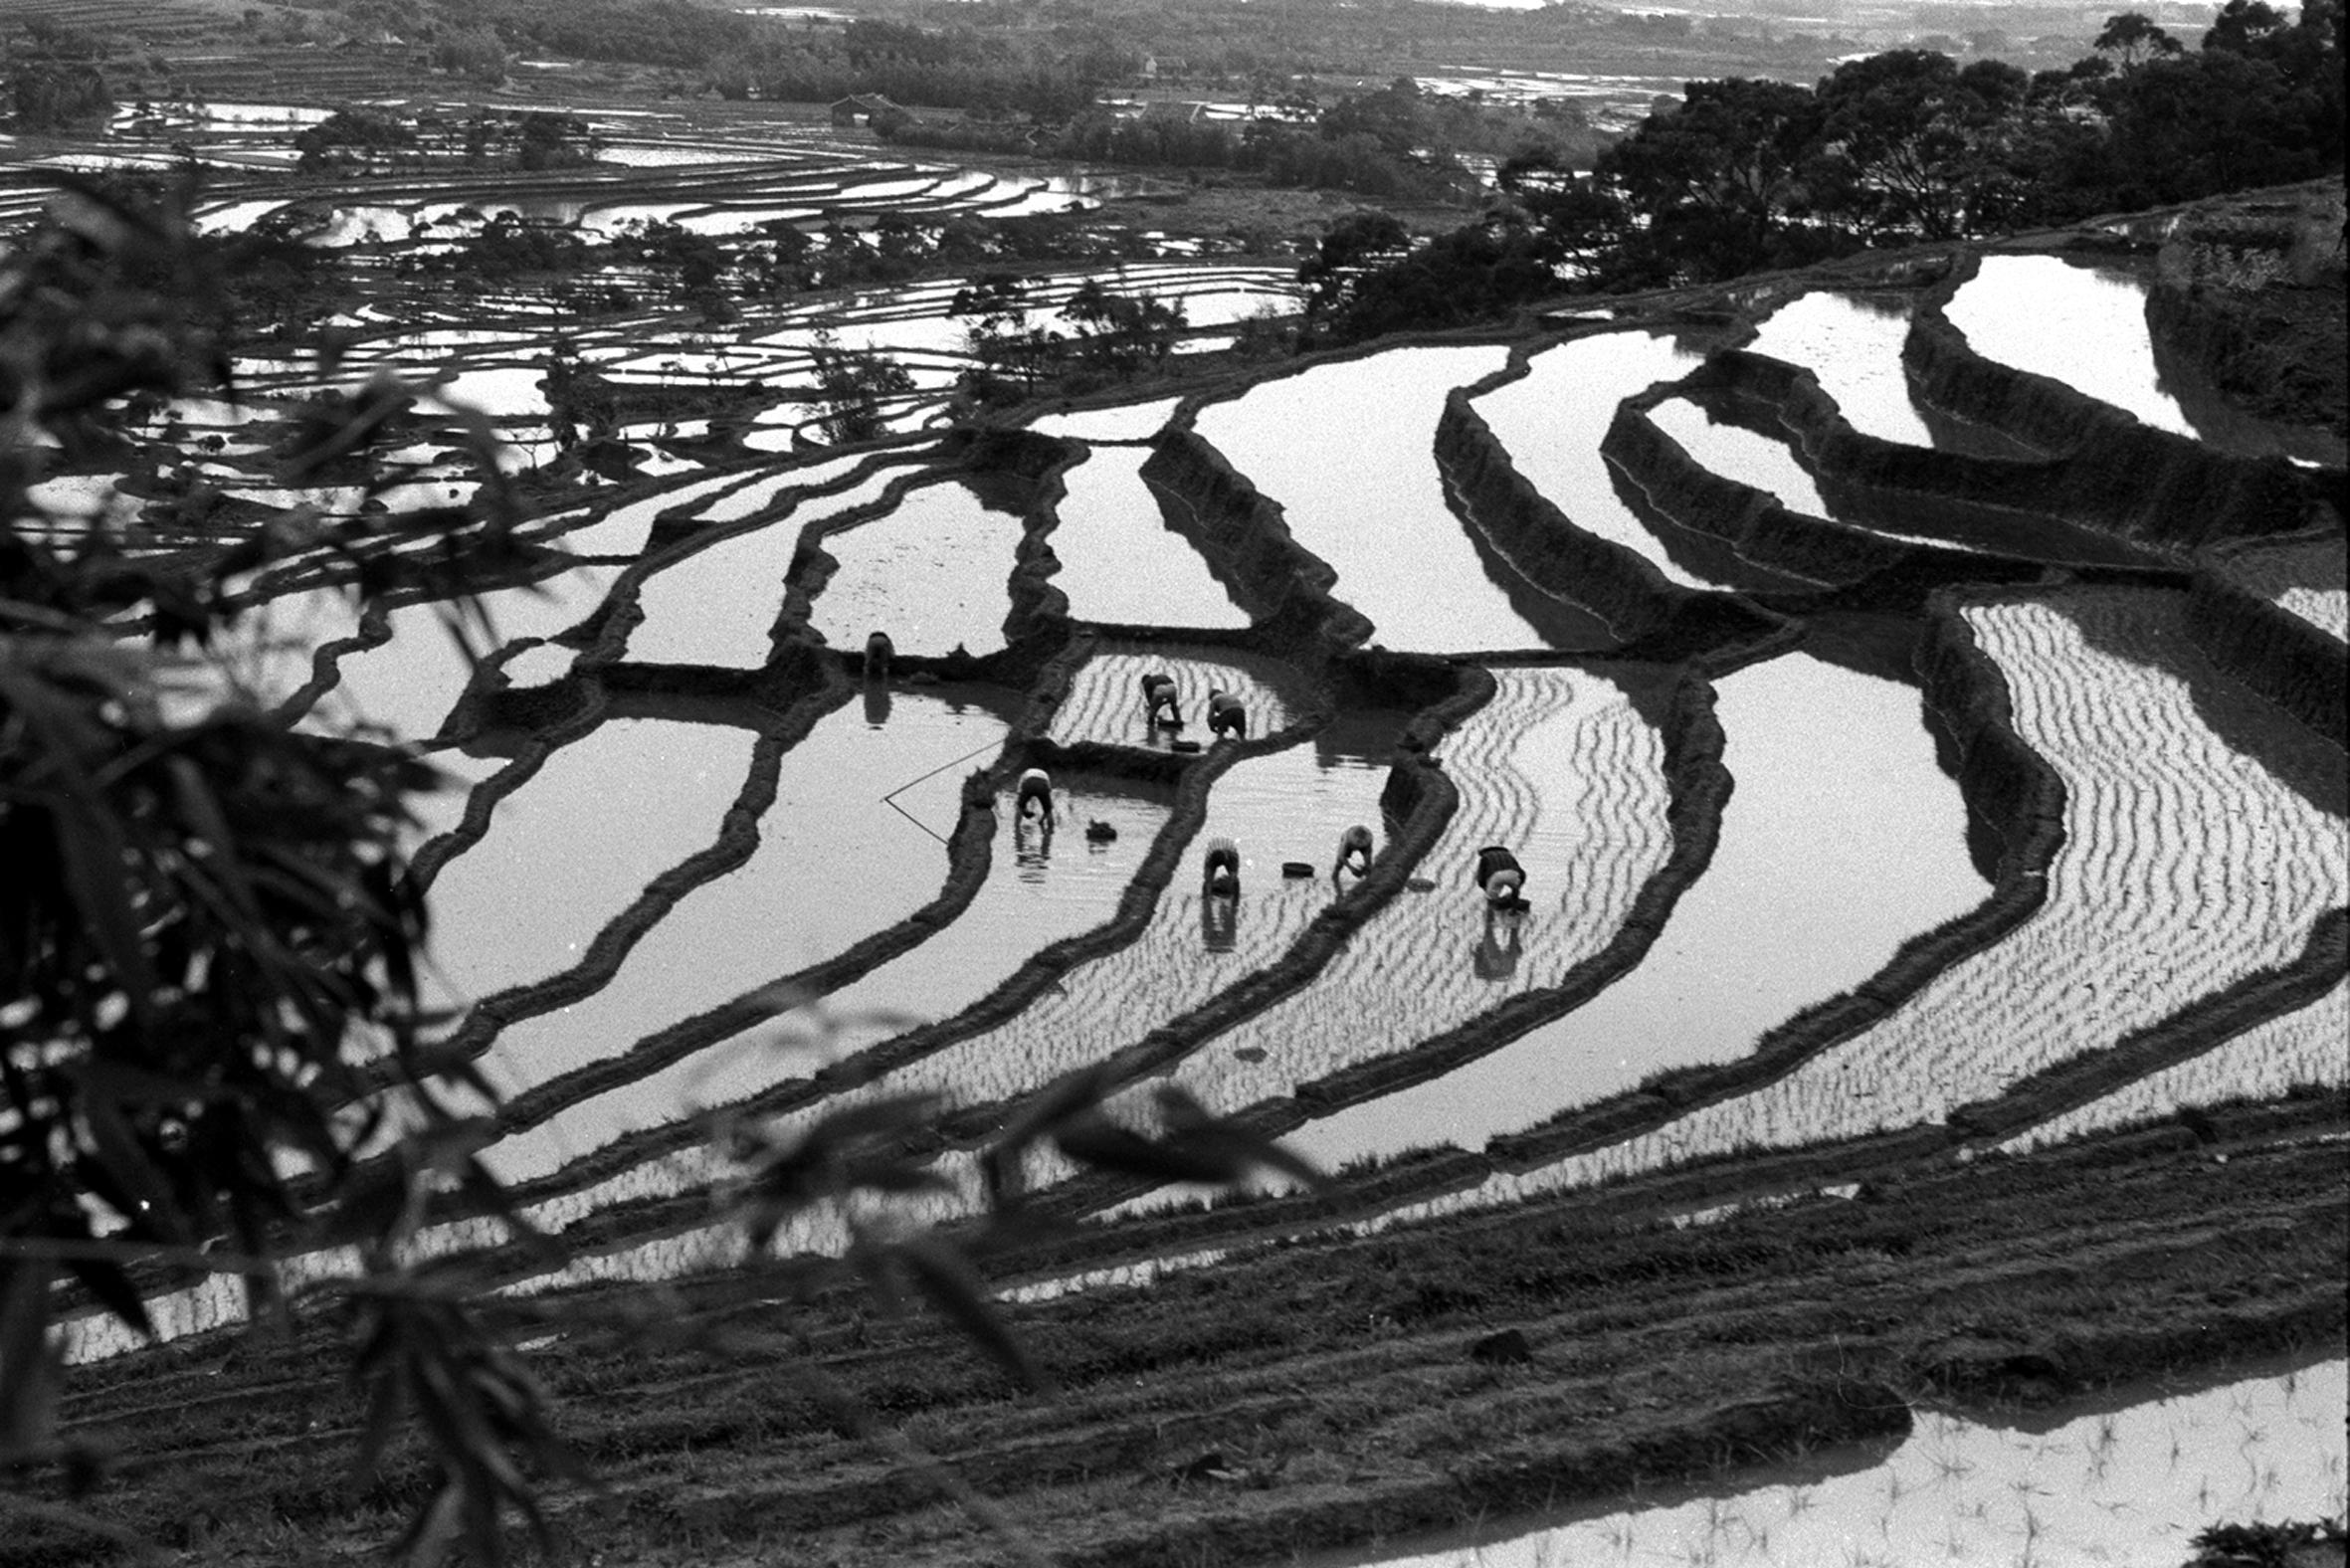 倒退原來是向前(忠山) 1968.3.15